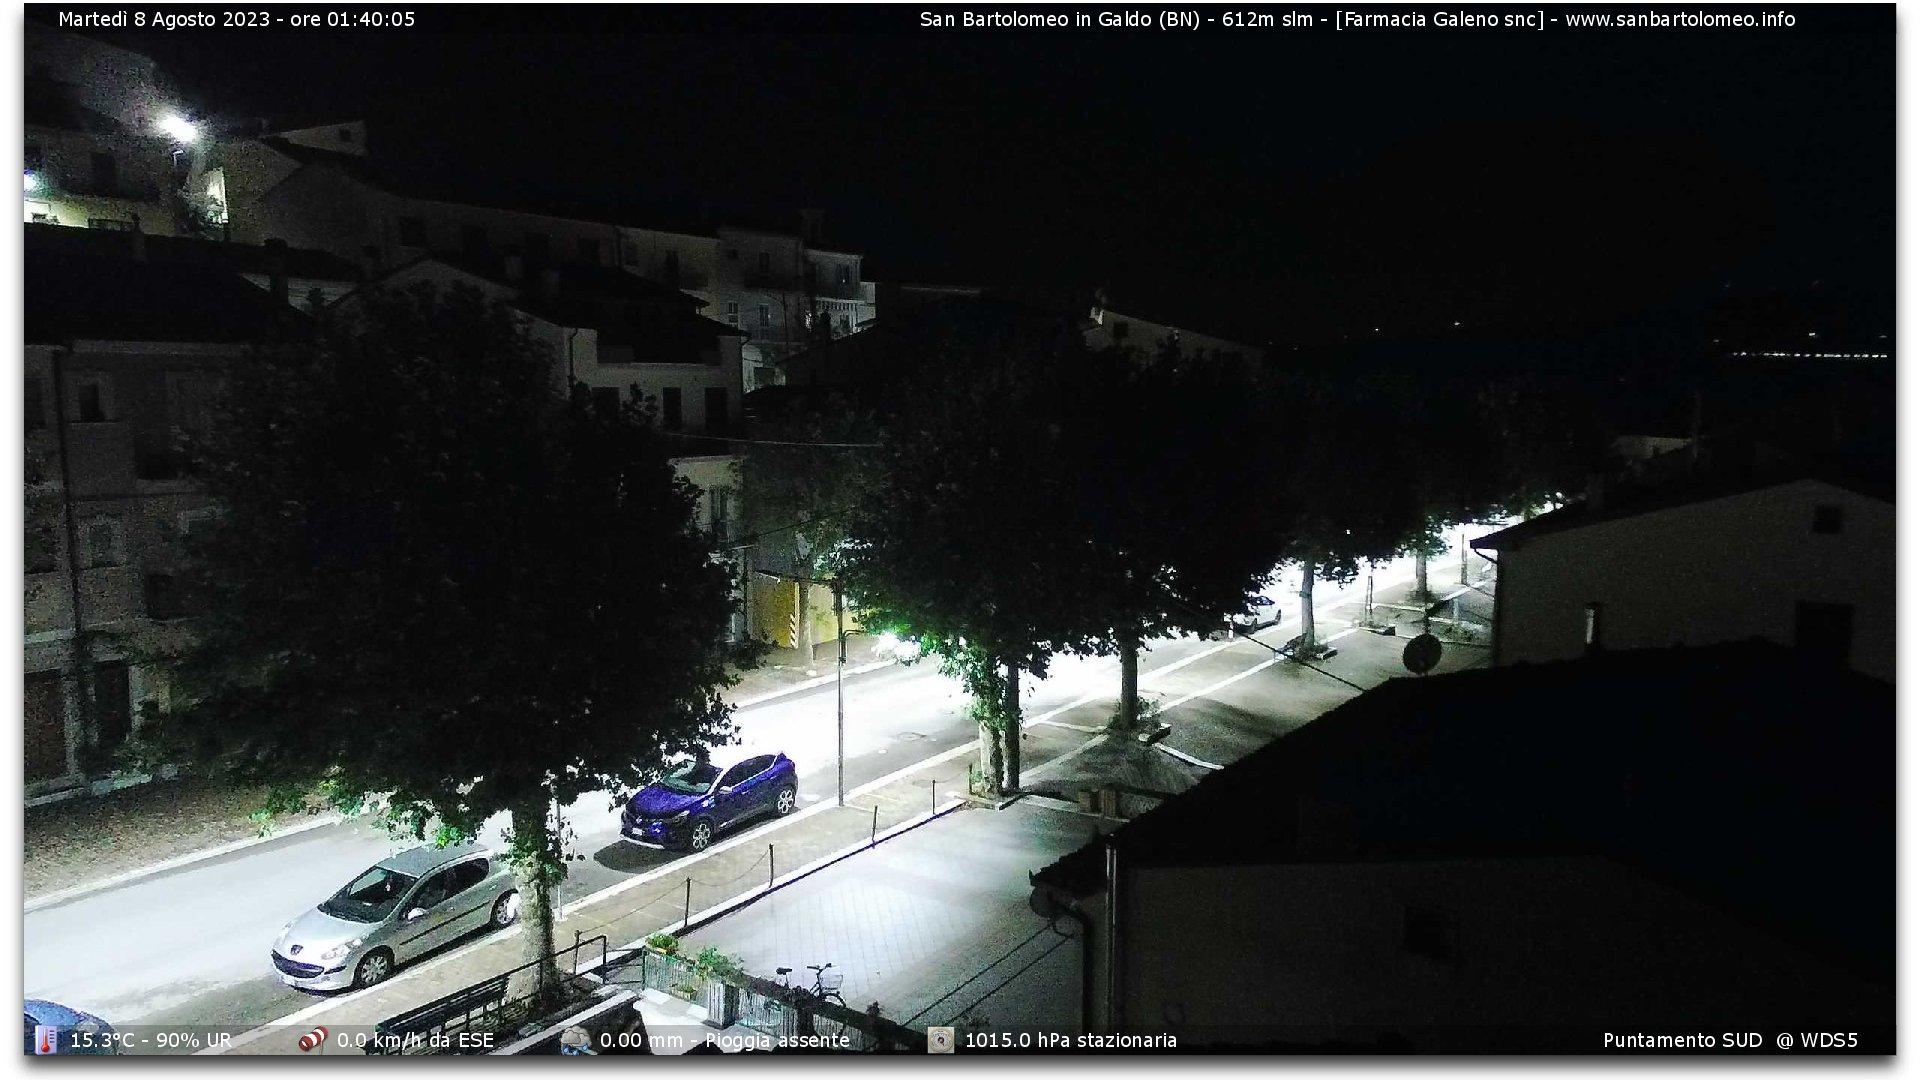 Webcam San Bartolomeo in Galdo - Osservatorio meteorologico di S. Bartolomeo In Galdo